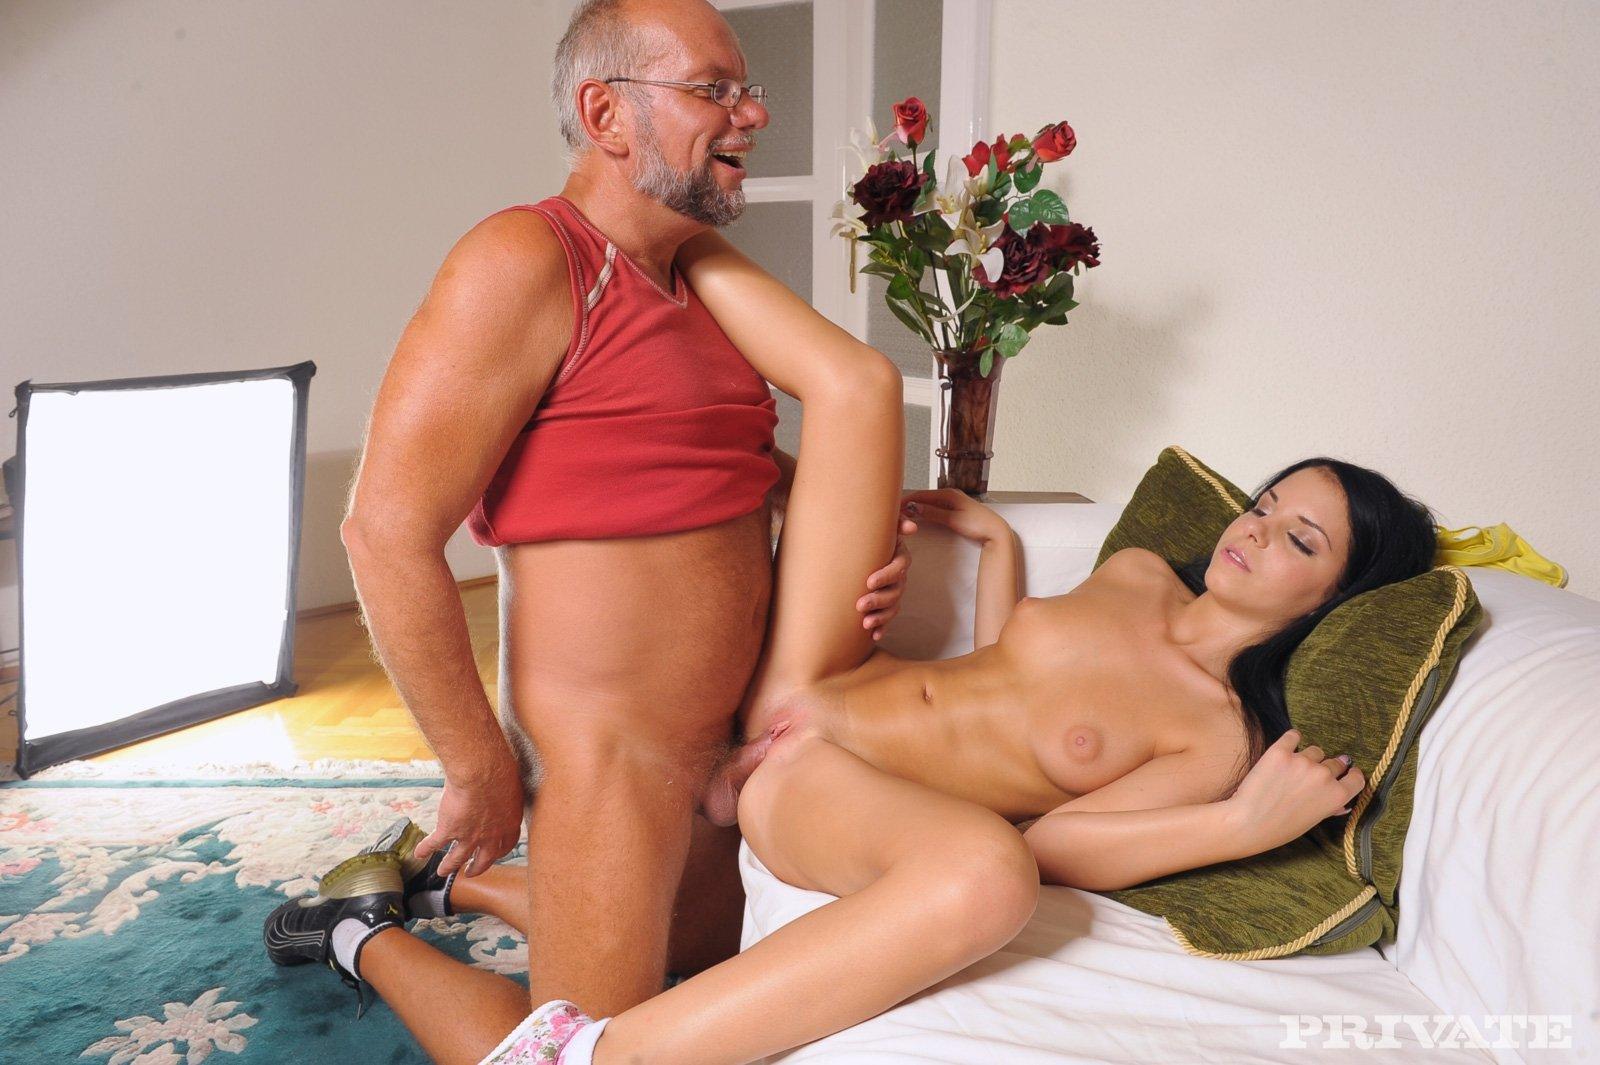 Секс рассказы о дядях и племянницах, Порно рассказы про племянницу. Читать порно 14 фотография